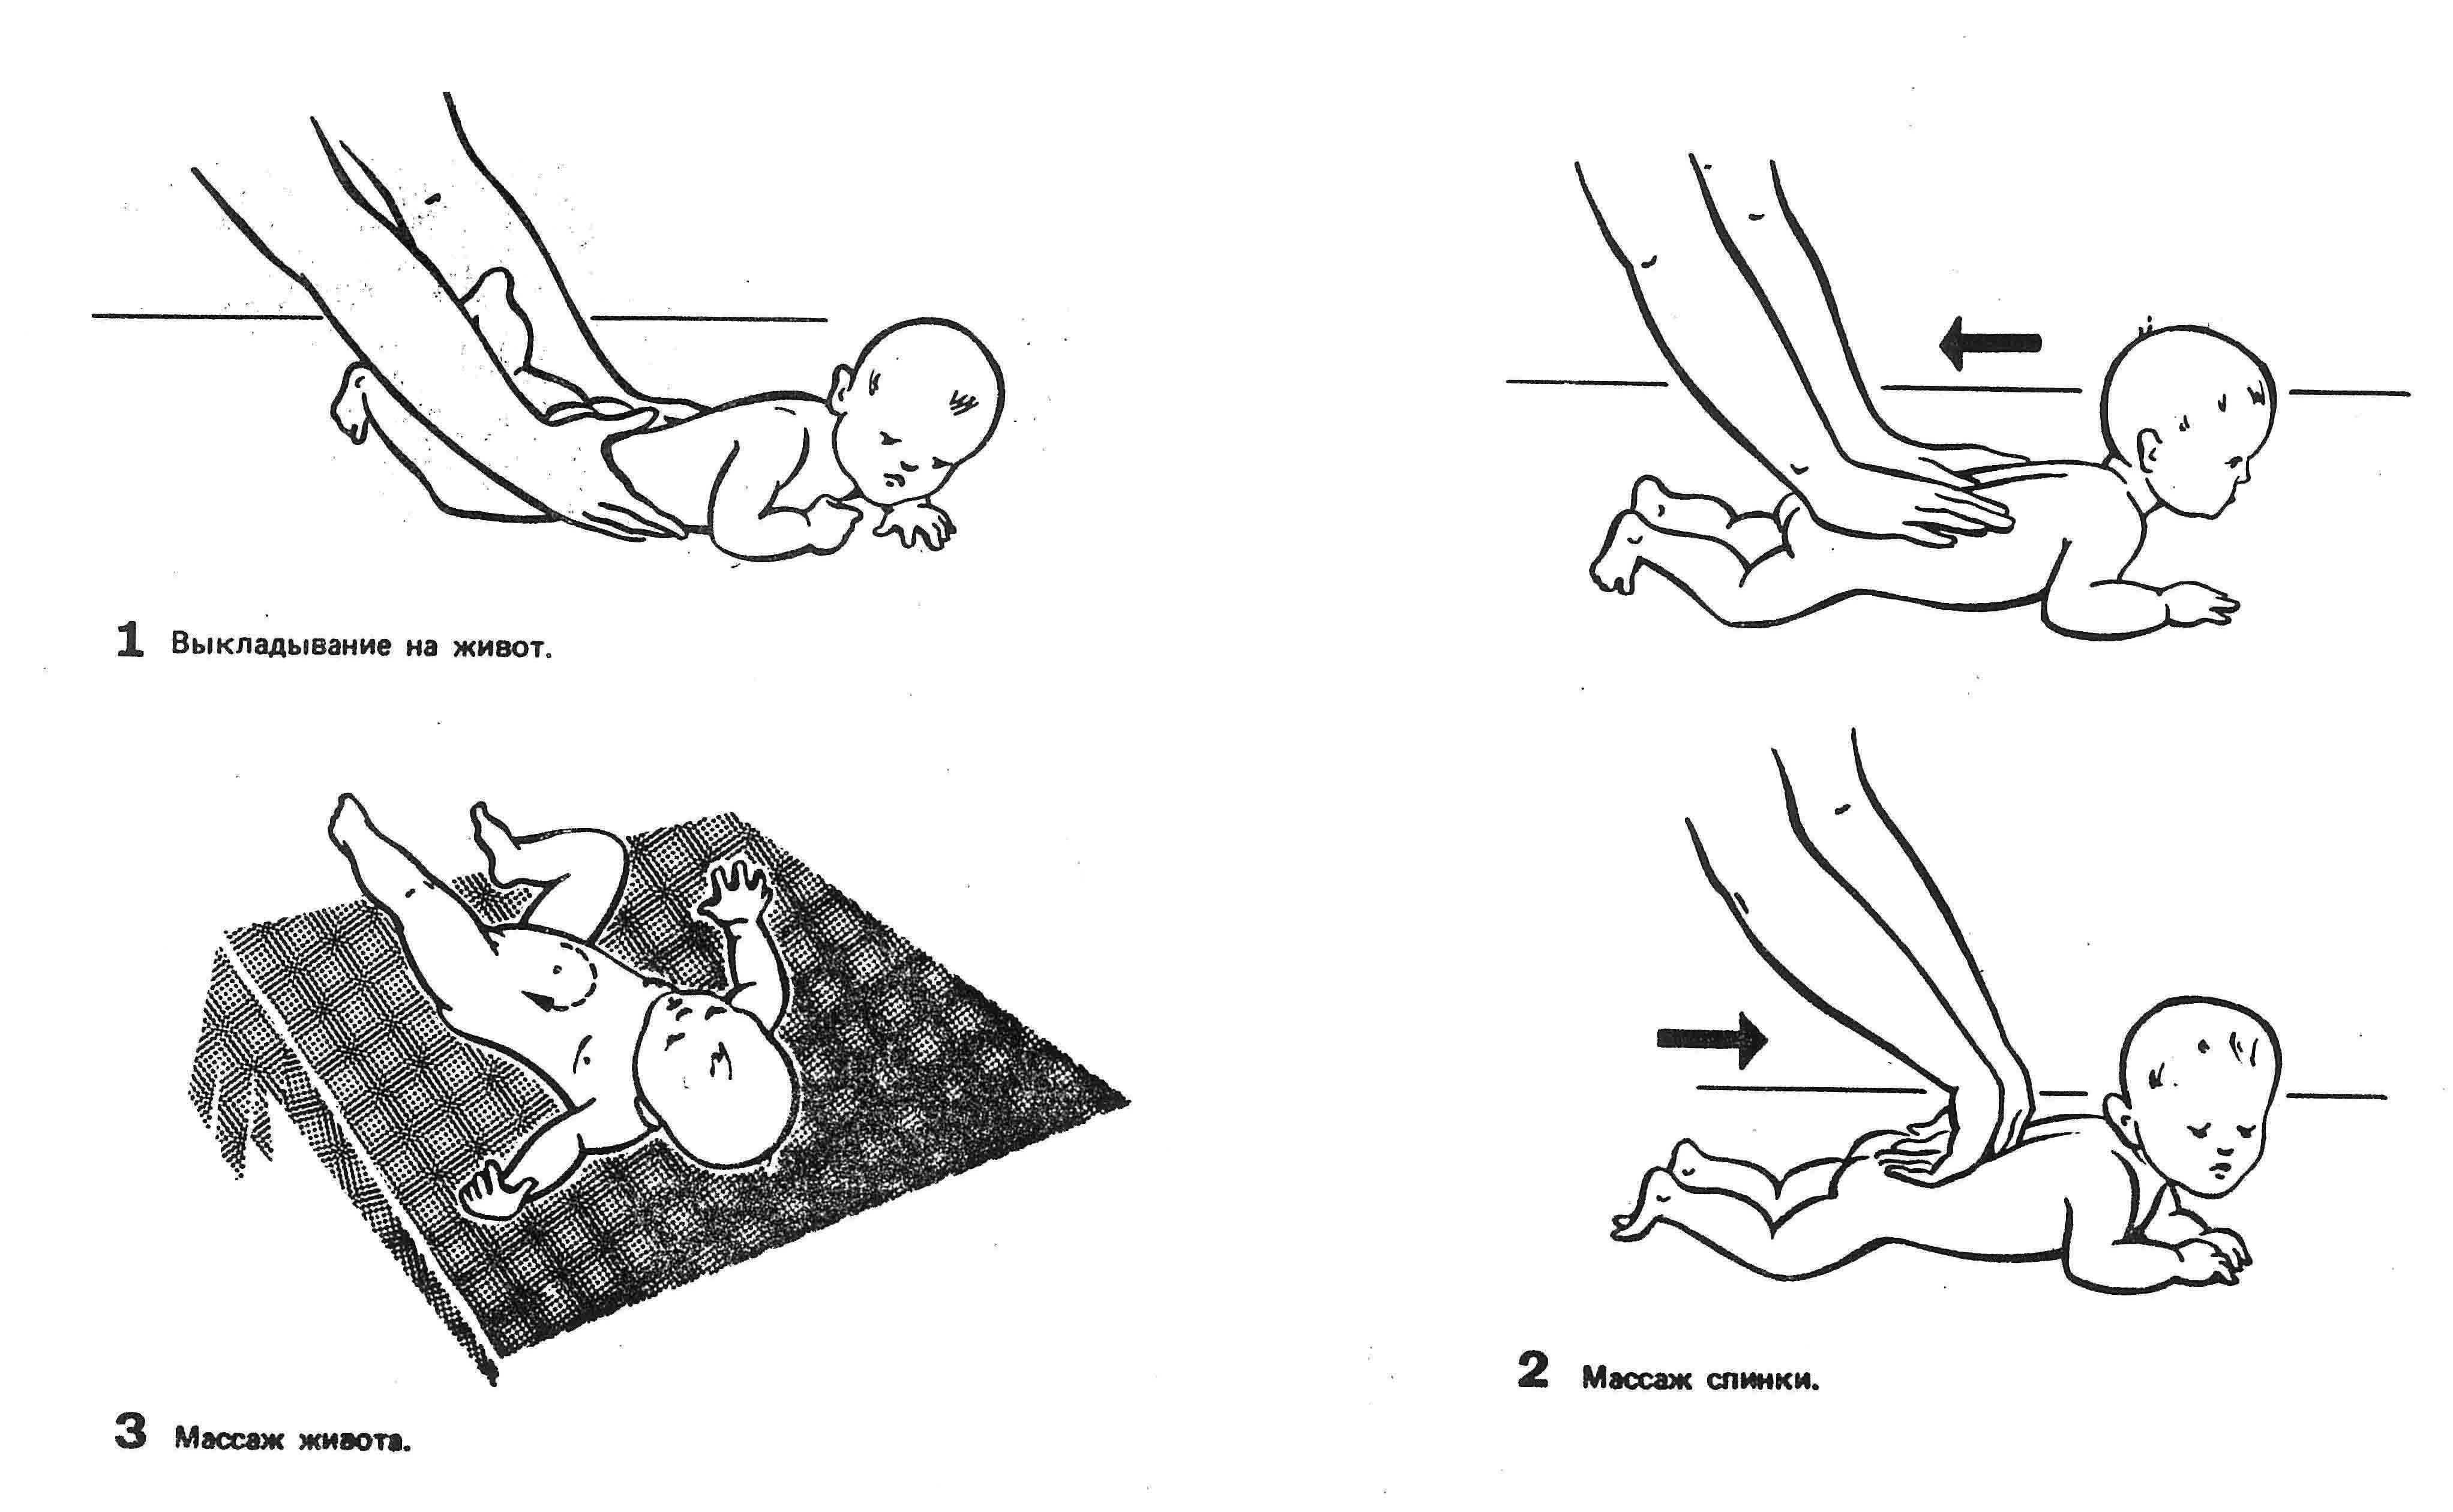 Массаж для новорожденных: действия в 1 месяц в домашних условиях, как делать грудничкам в 0-1 месяц самостоятельно, с какого возраста разрешен